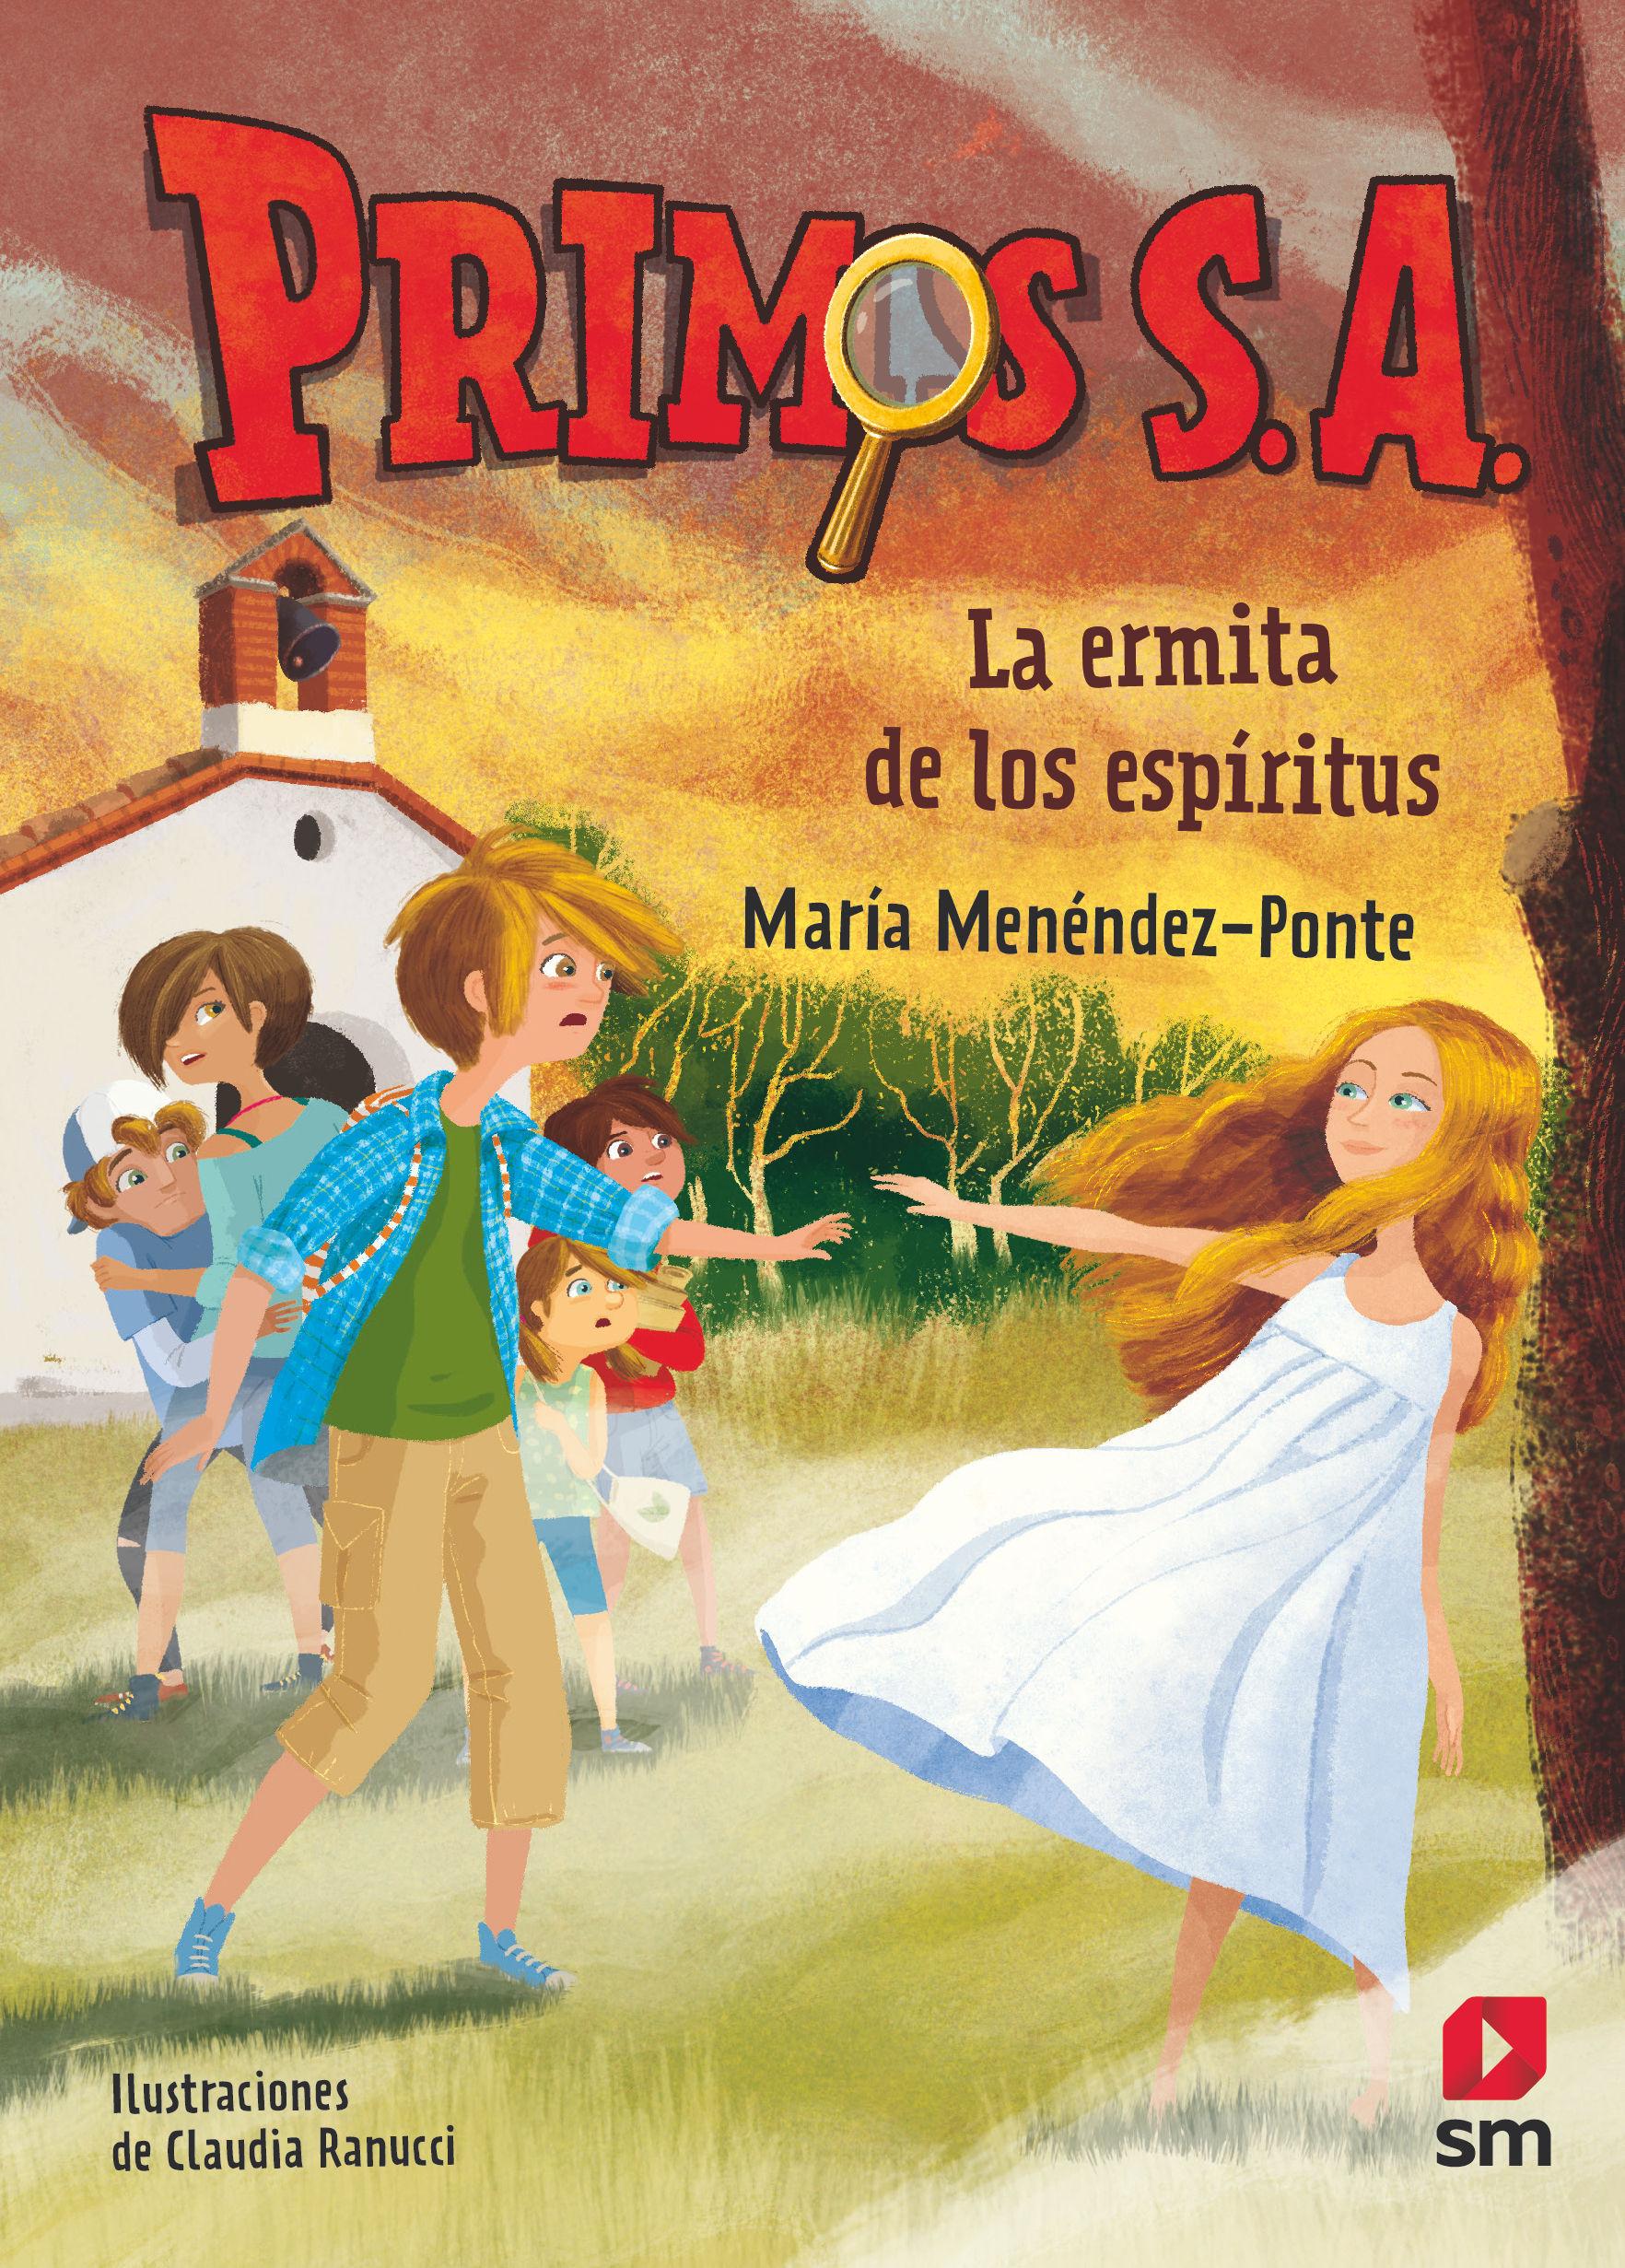 PRIMOS SA 3 LA ERMITA DE LOS ESPÍRITUS